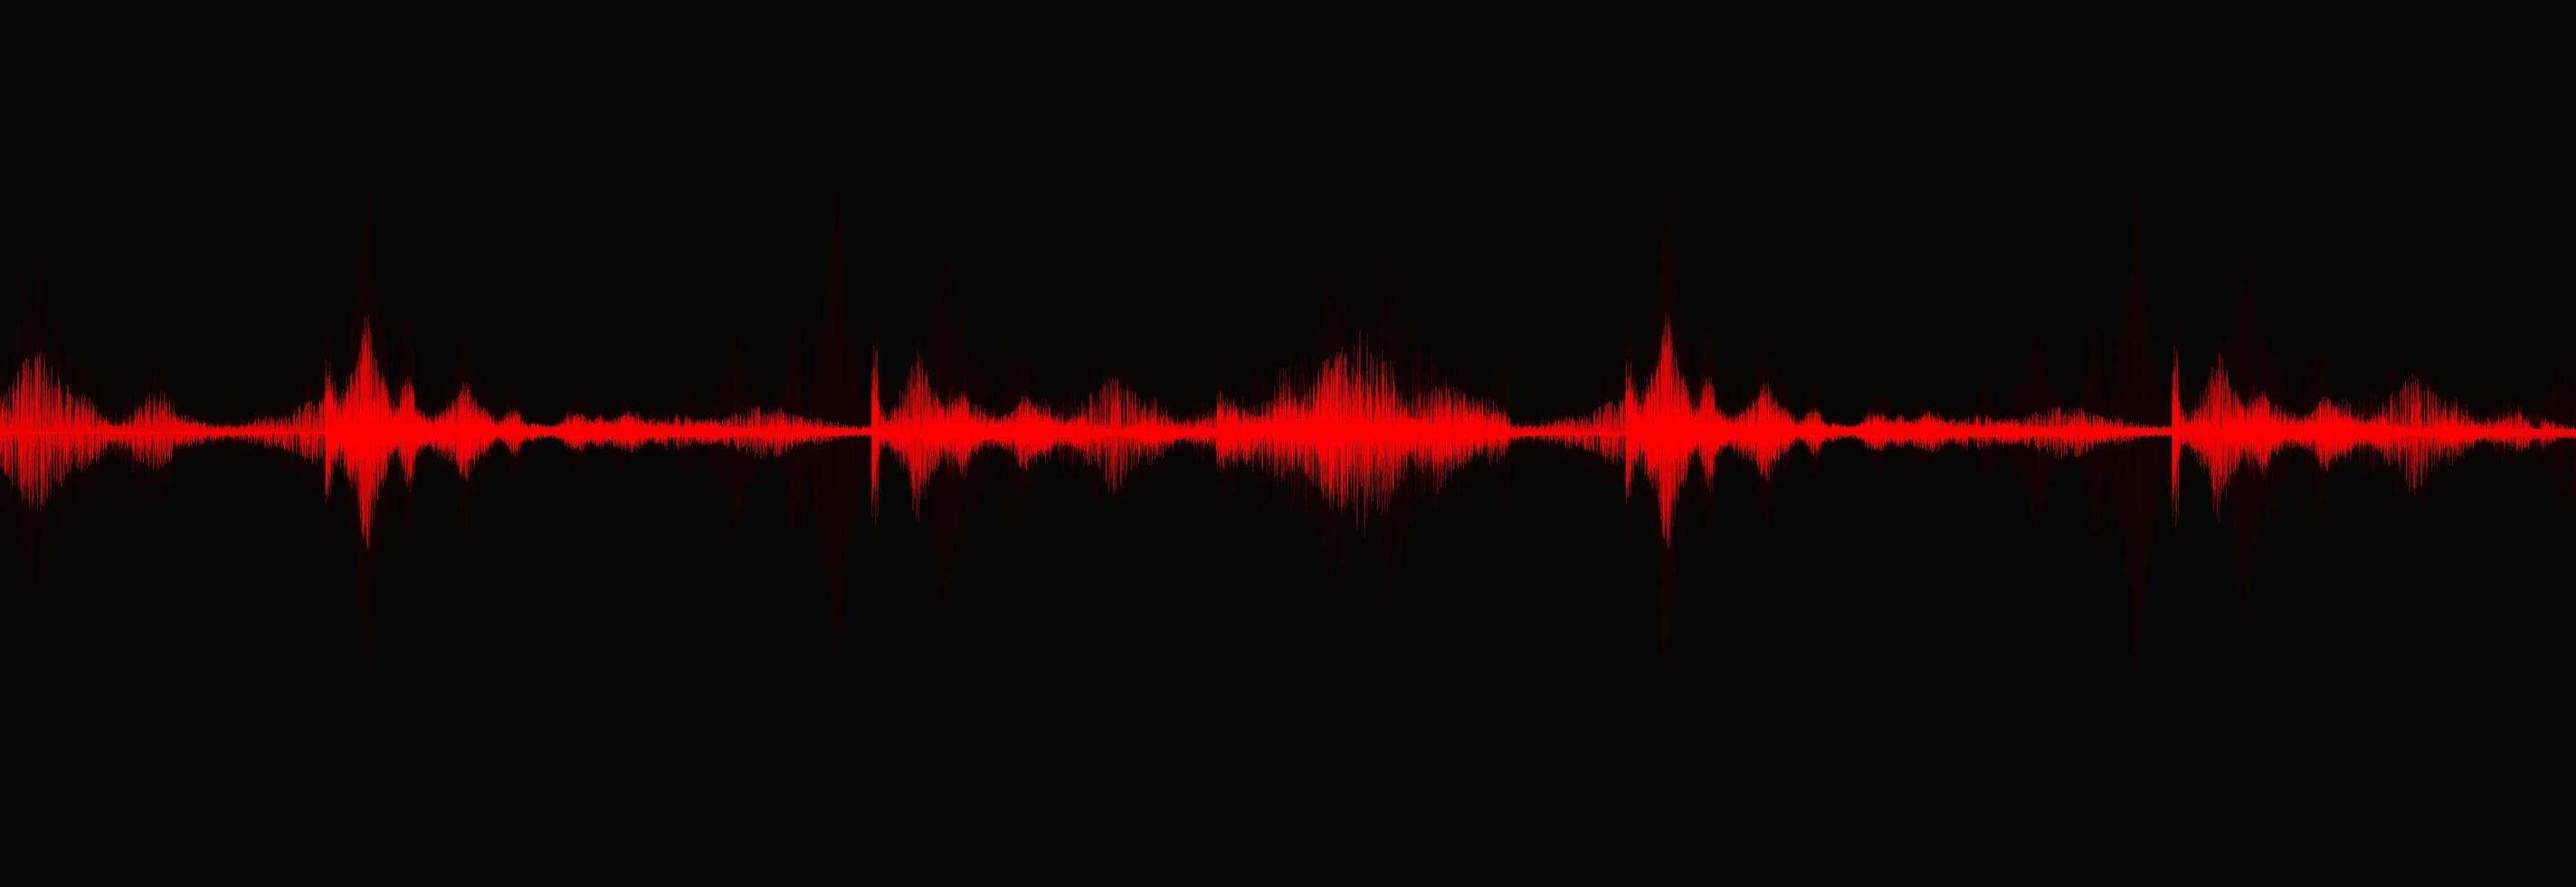 onde sonore numérique rouge sang échelle de richter basse et haute sur fond noir, diagramme d'onde de technologie et de tremblement de terre et concept de coeur en mouvement, conception pour studio de musique et science, illustration vectorielle. vecteur